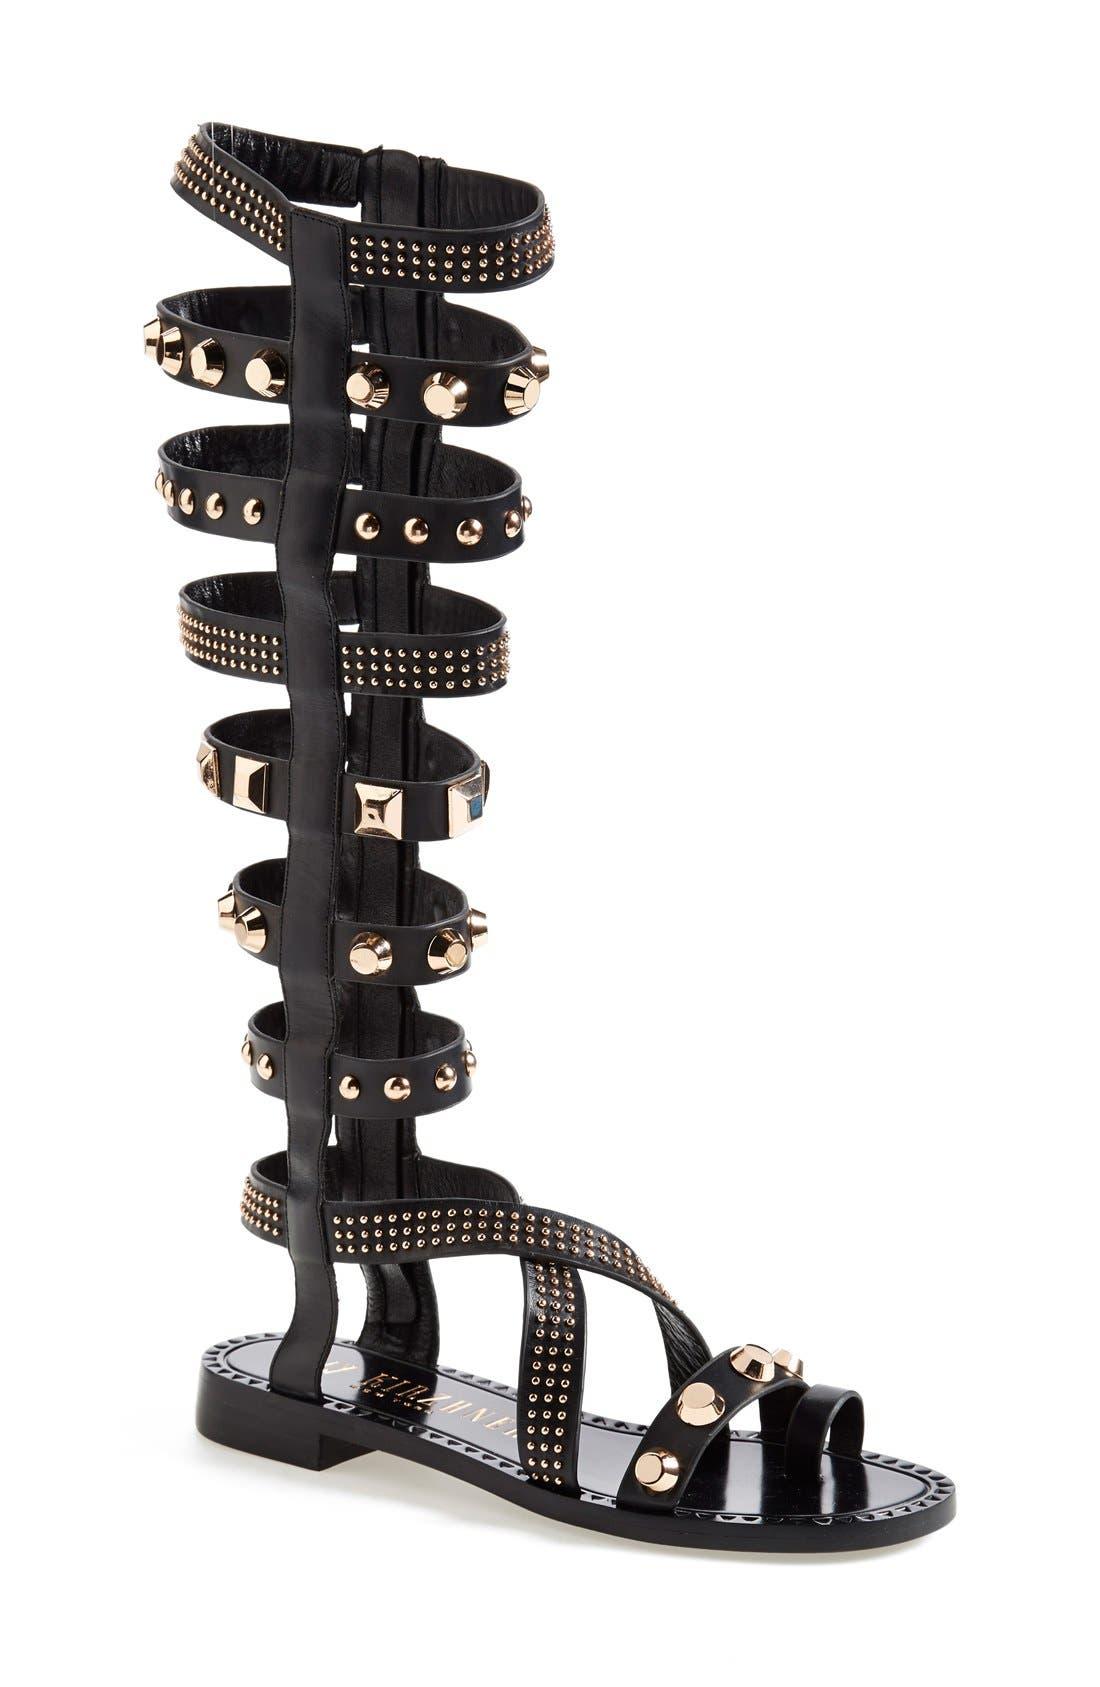 Alternate Image 1 Selected - Ivy Kirzhner 'Triumph' Studded Gladiator Sandal (Women)